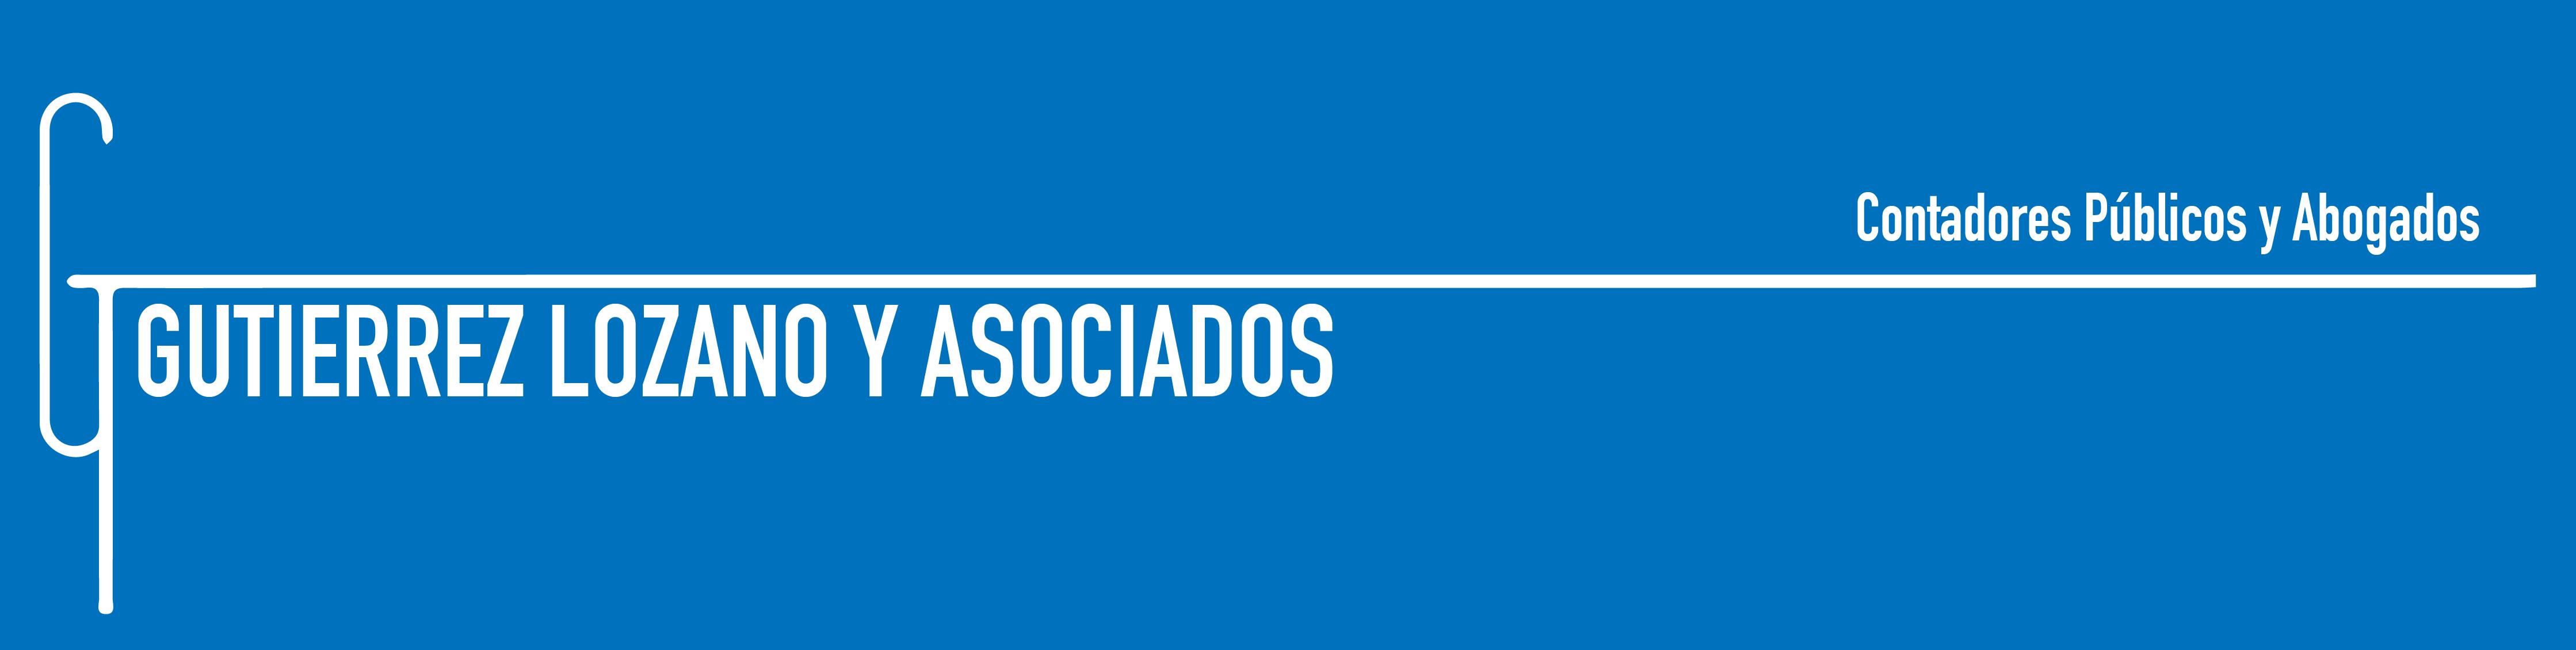 Contadores Públicos Gutiérrez Lozano